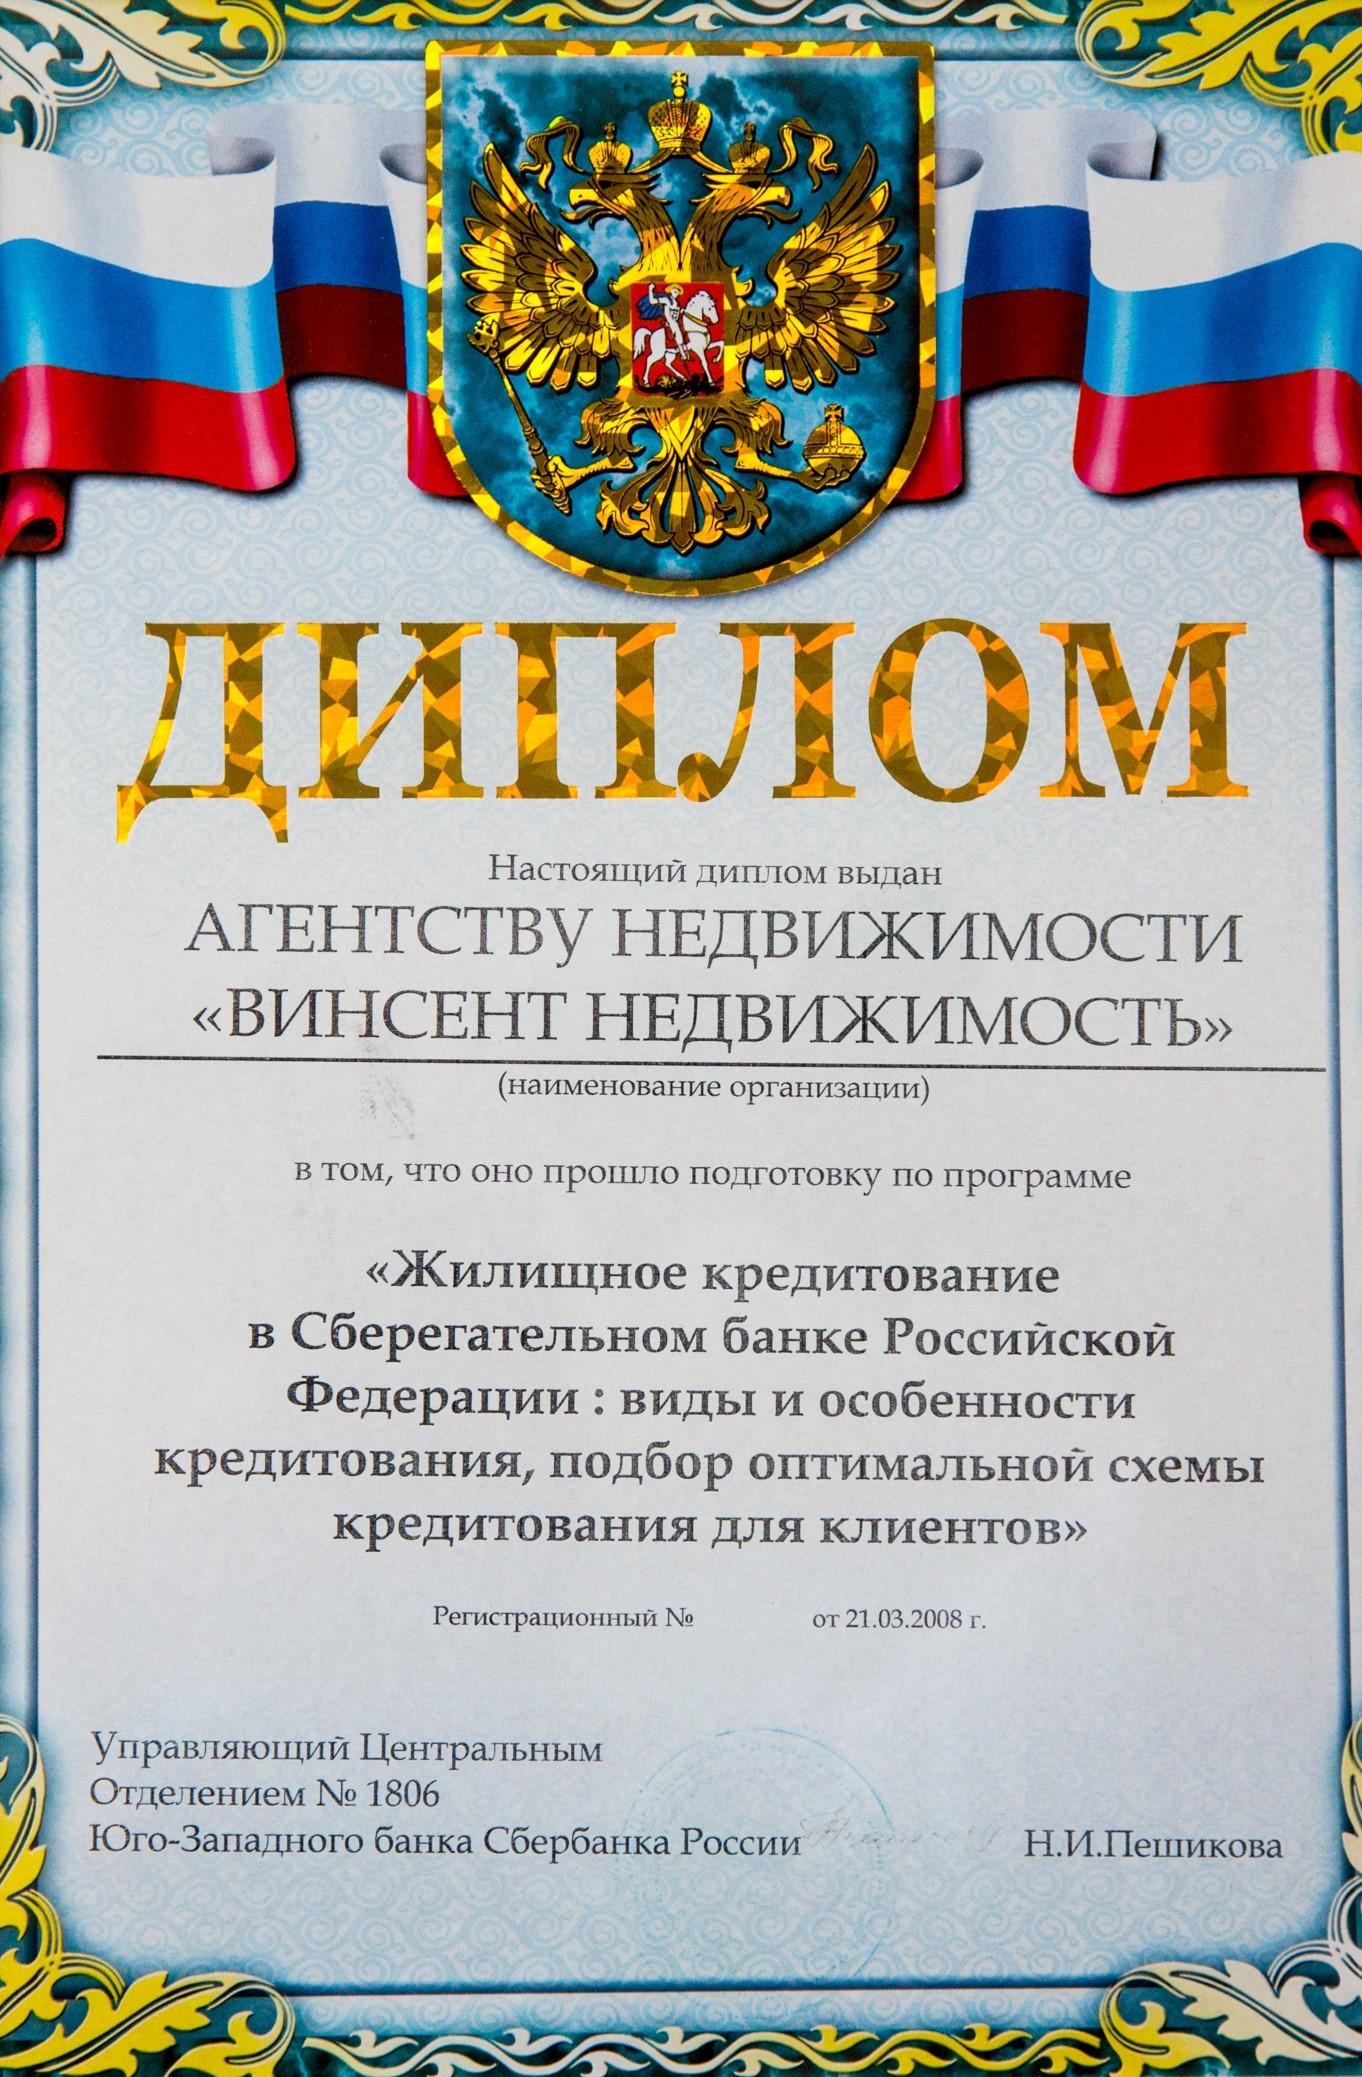 Наши сертификаты и лицензии  Диплом за прохождение подготовки по программе сбербанка Жилищное кредитование в Сберегательном банке Российской Федерации